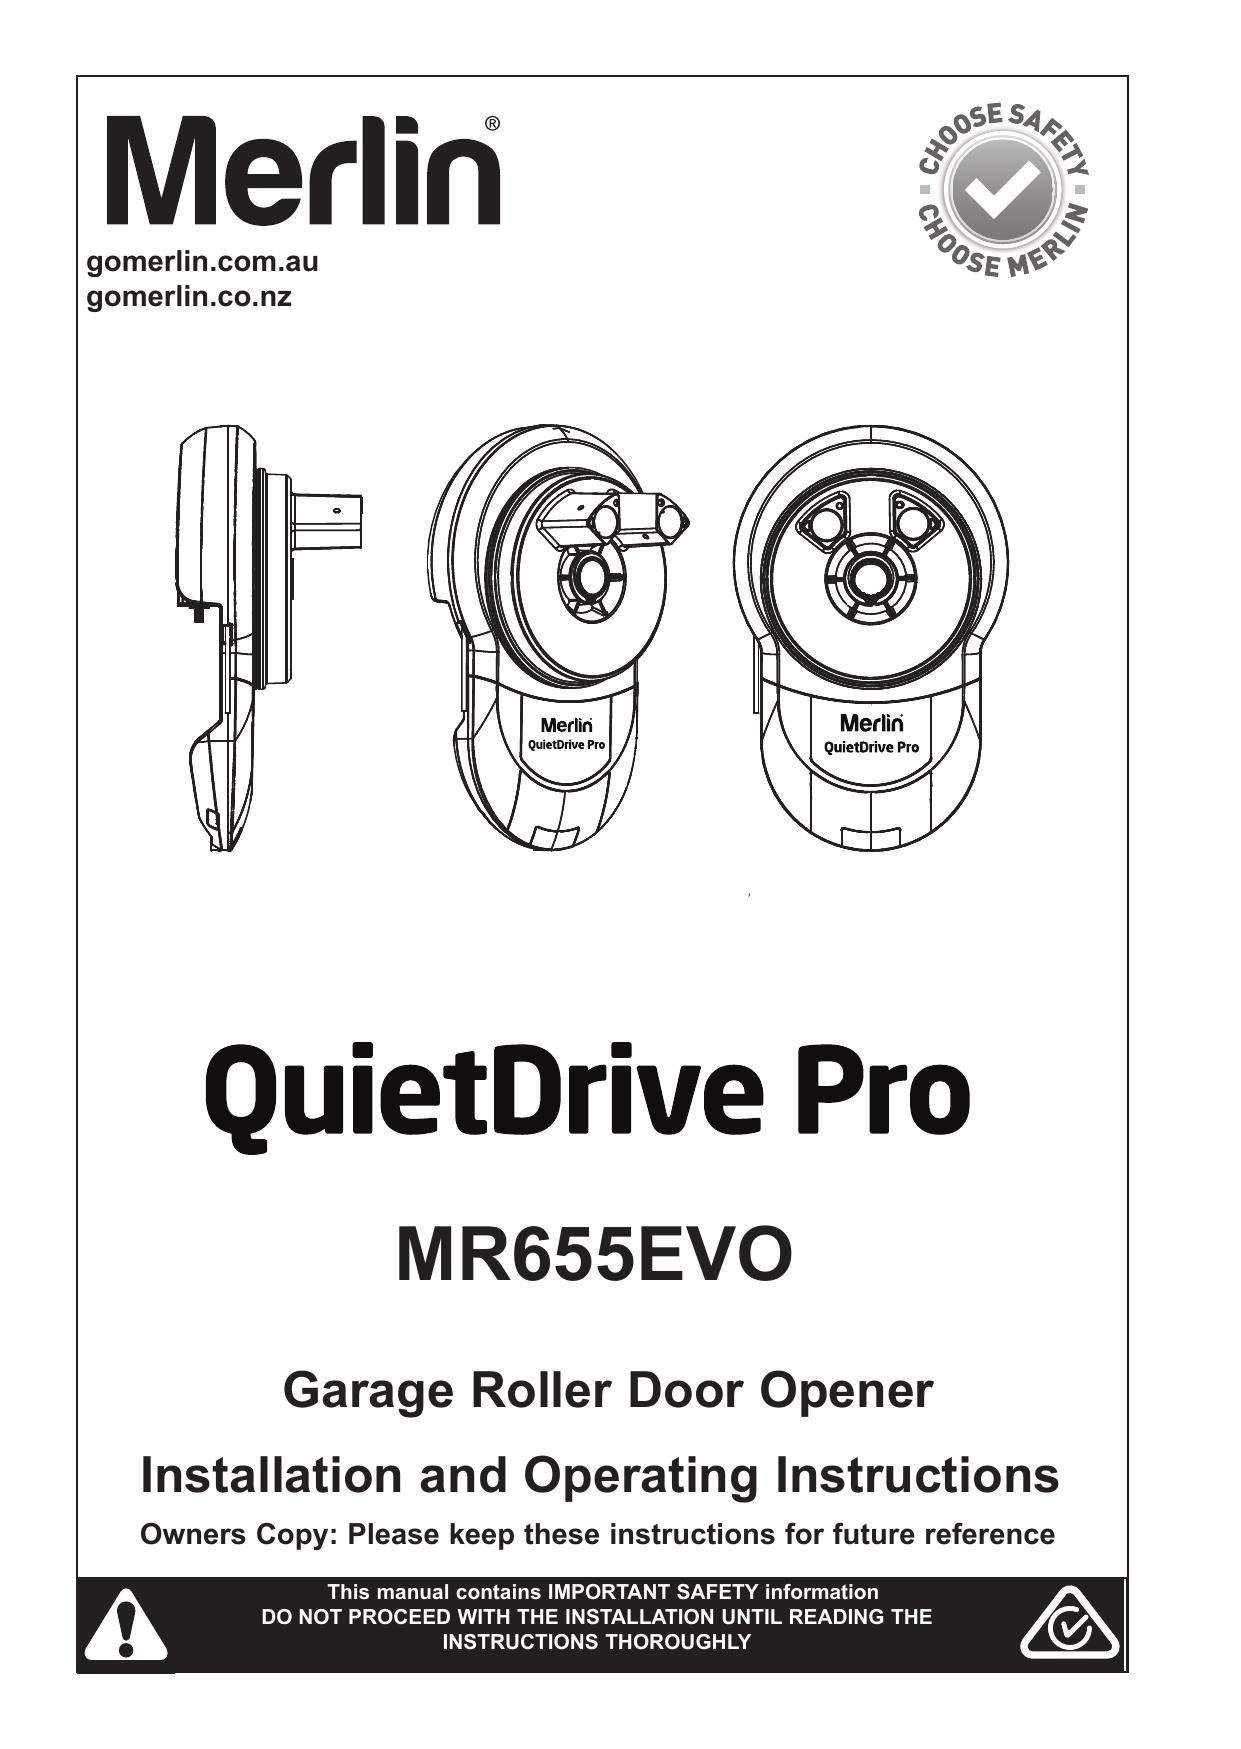 Merlin Garage Door Opener Manual Override - Garage Designs